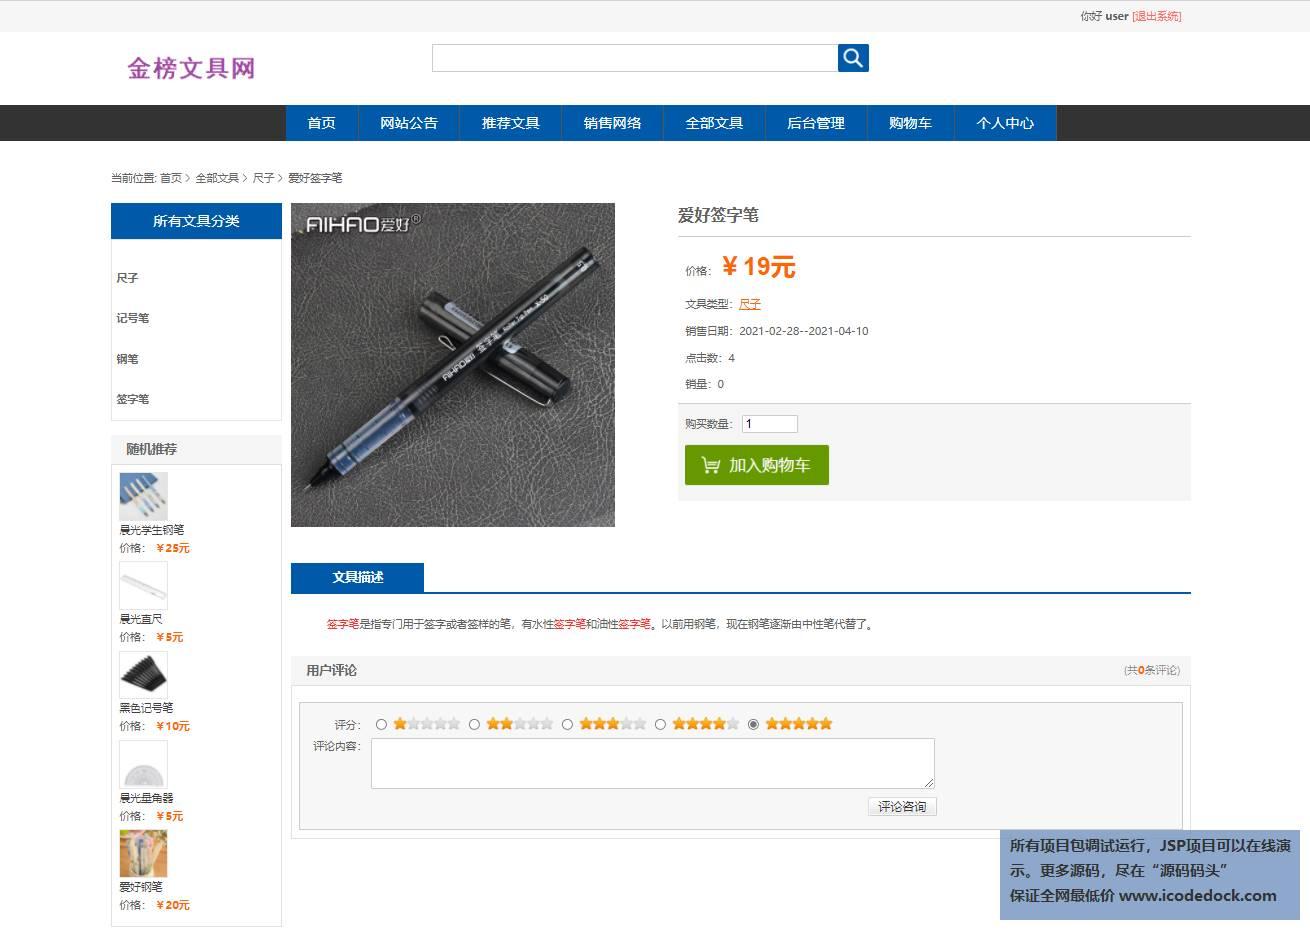 源码码头-SSM实现的一个在线文具学习用品购买商城网站-用户角色-查看商品详情